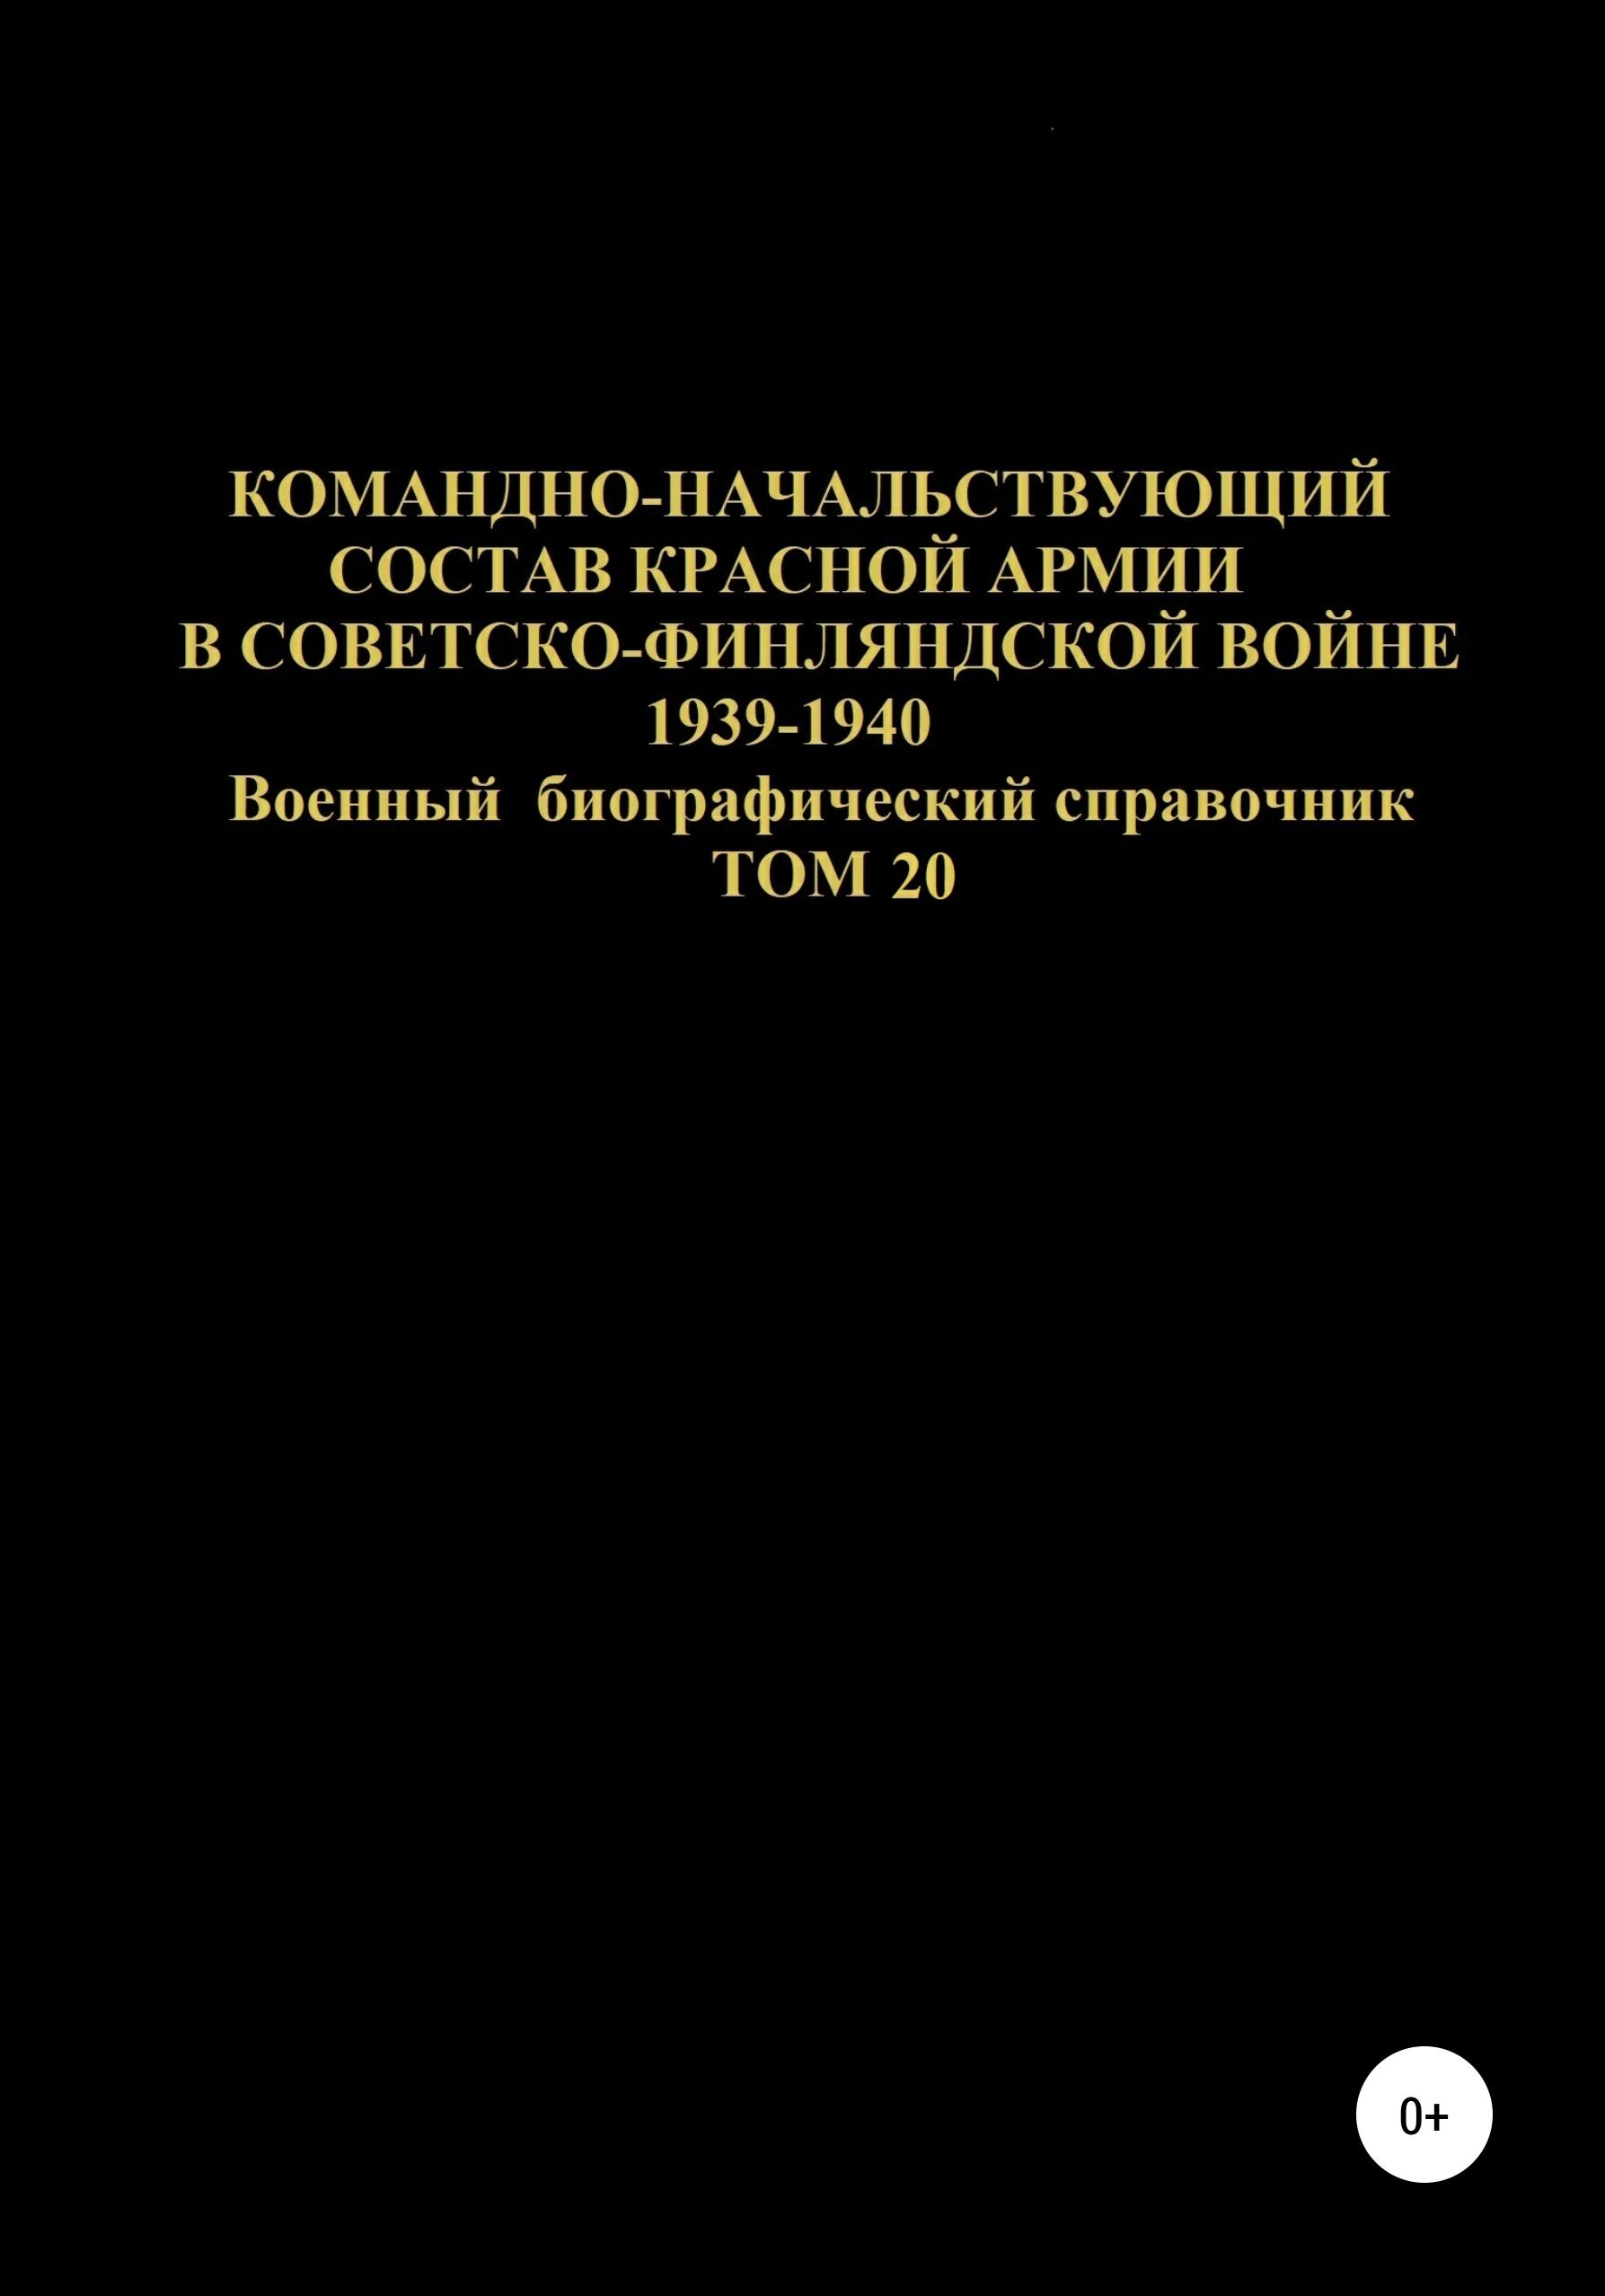 Командно-начальствующий состав Красной Армии в Советско-Финляндской войне 1939-1940 гг. Том 20